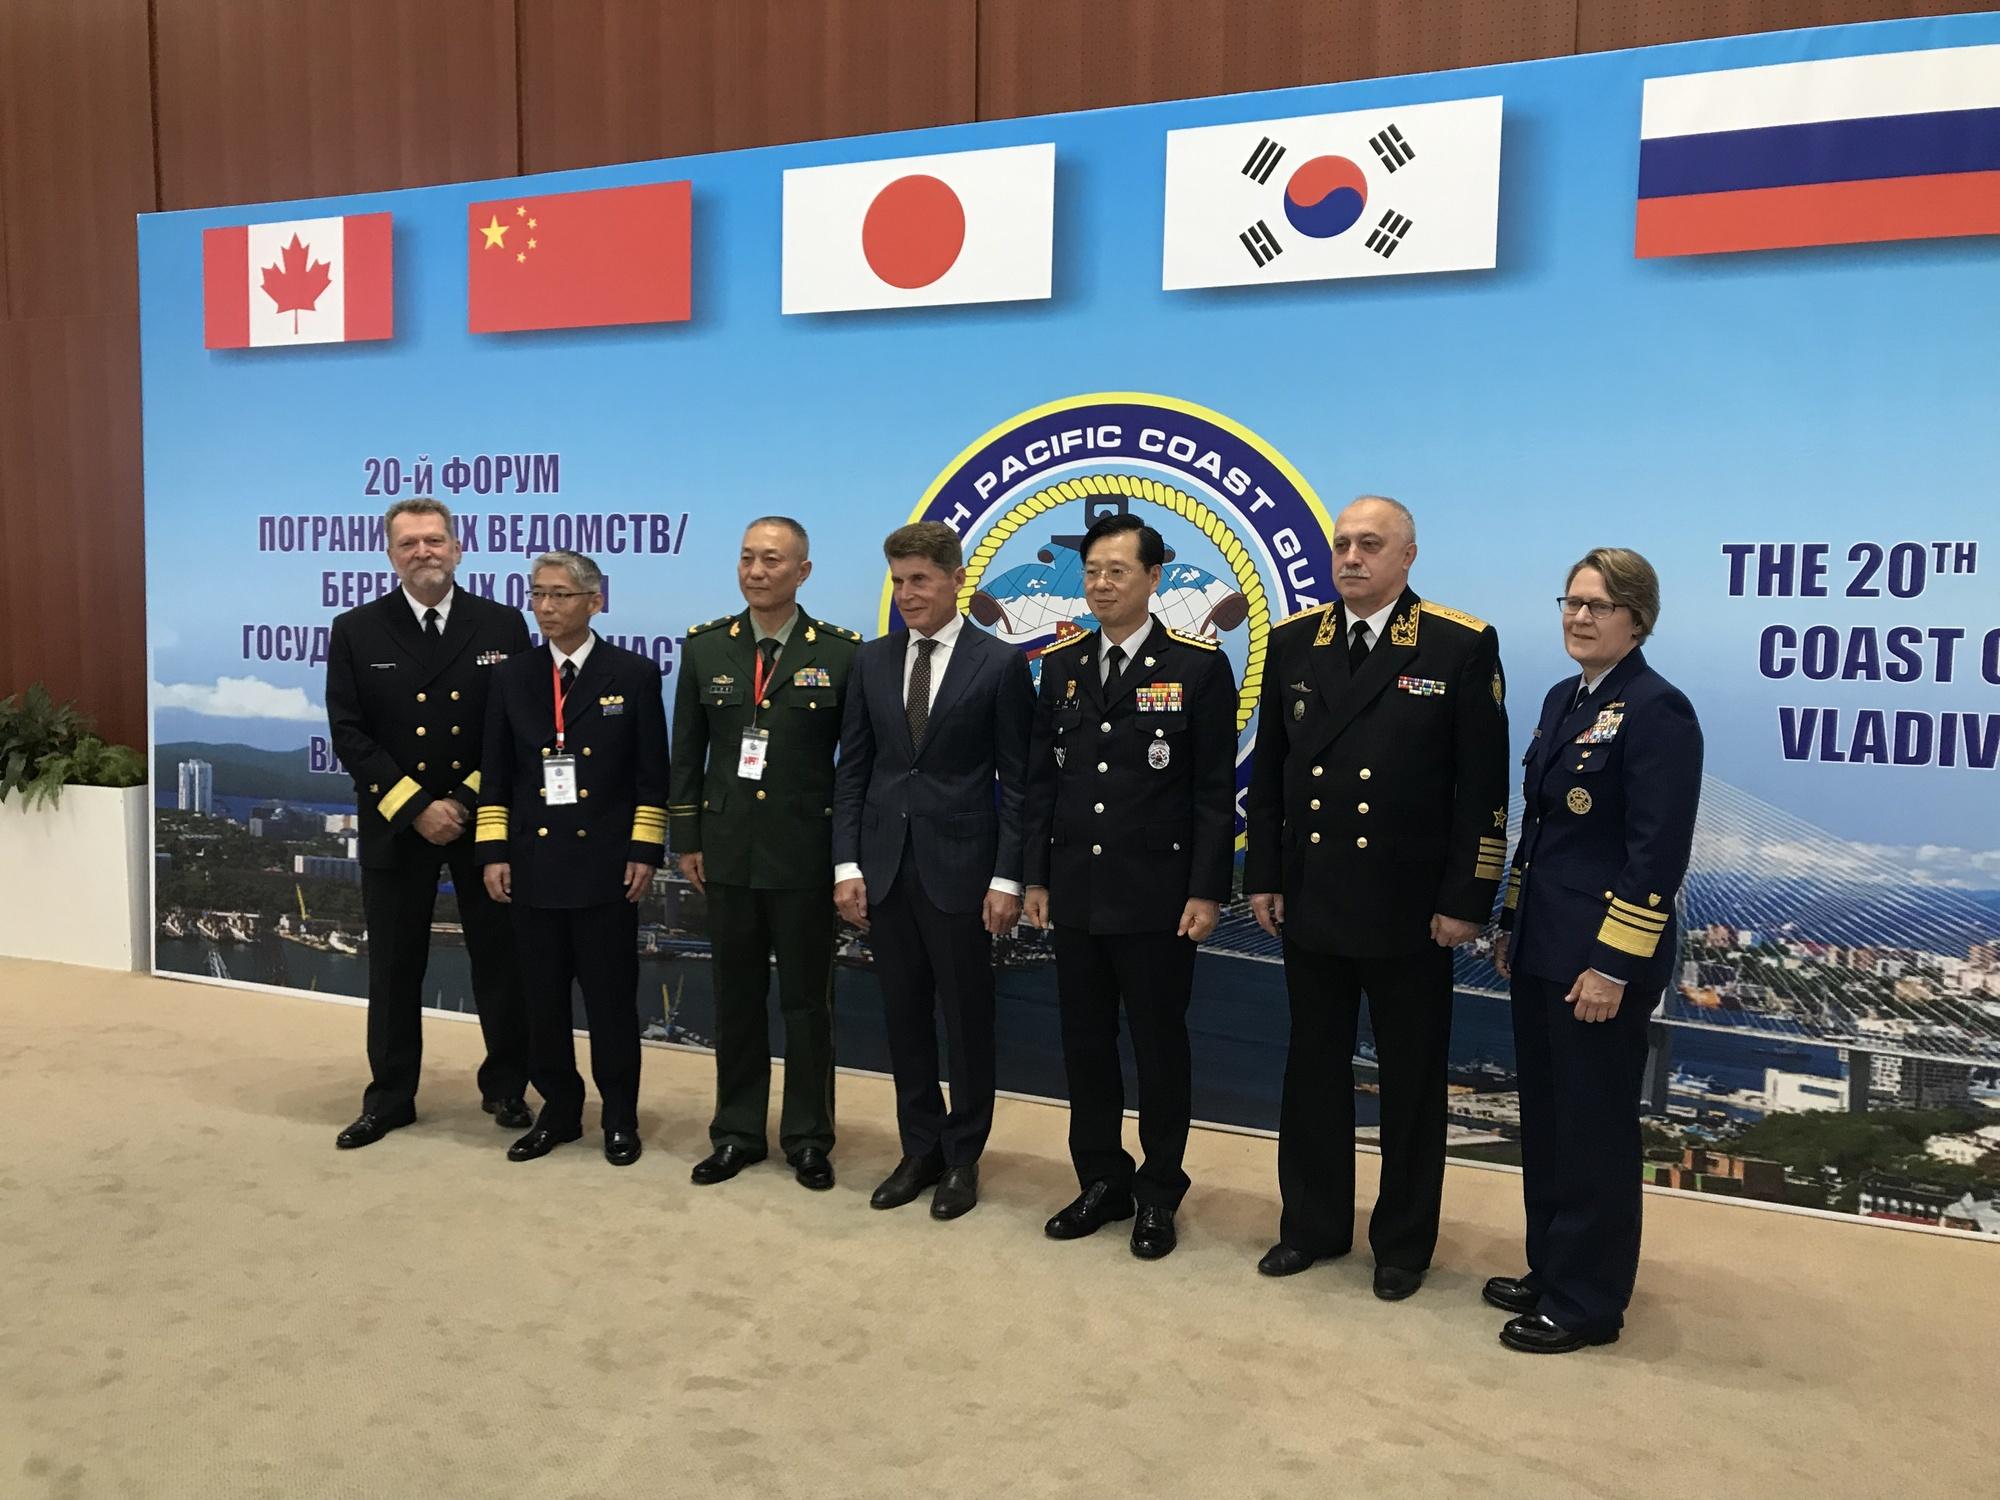 North Pacific Coast Guard Forum (3)